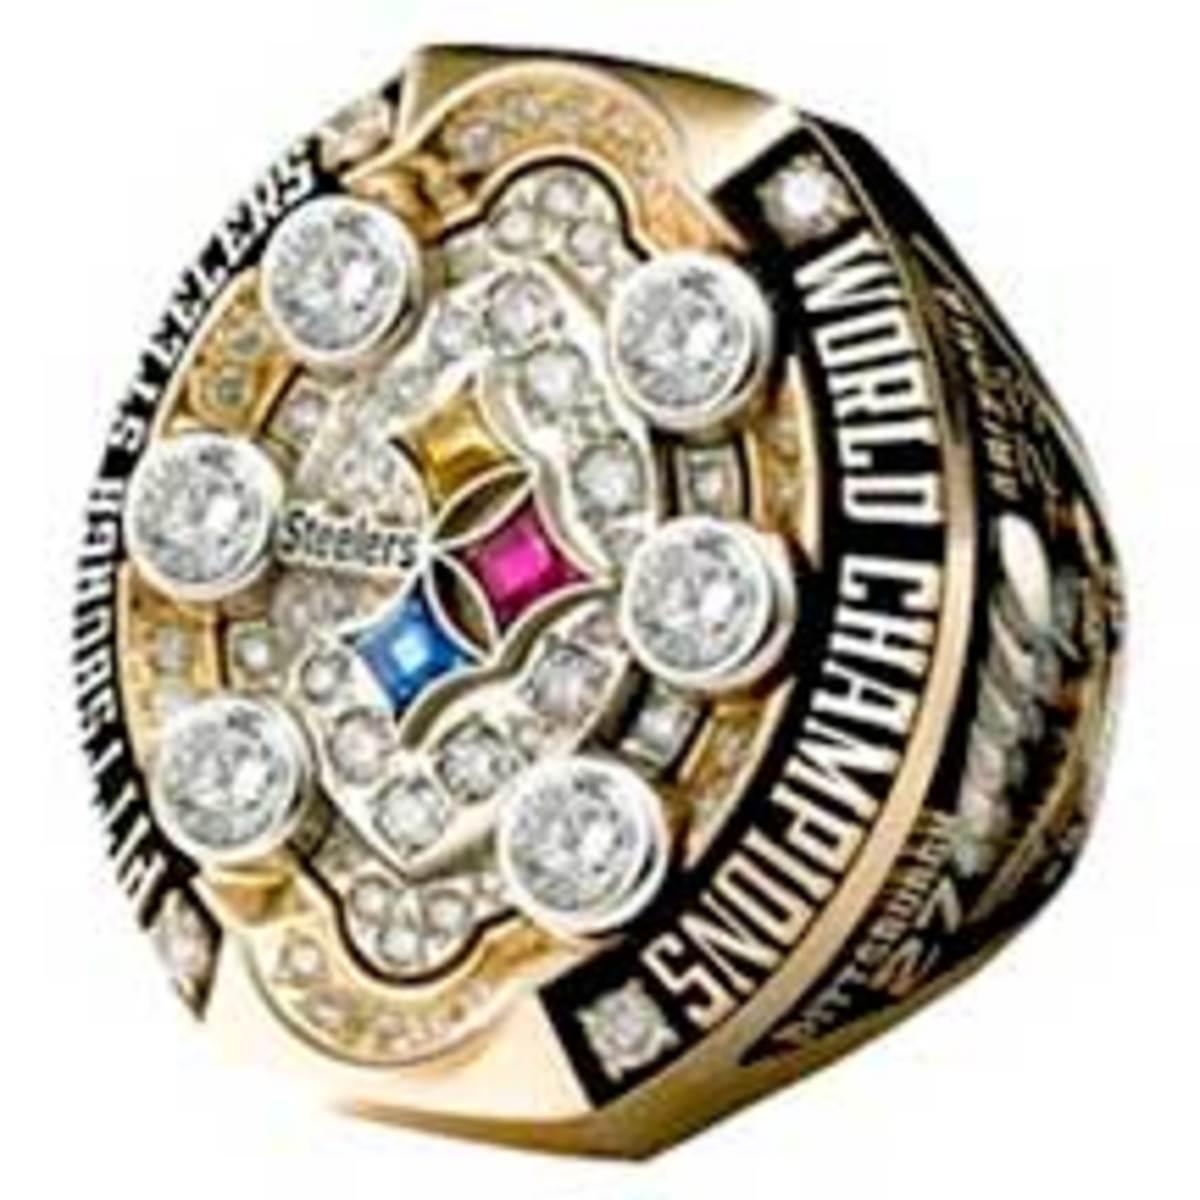 XLIII Pittsburg Steelers 2009